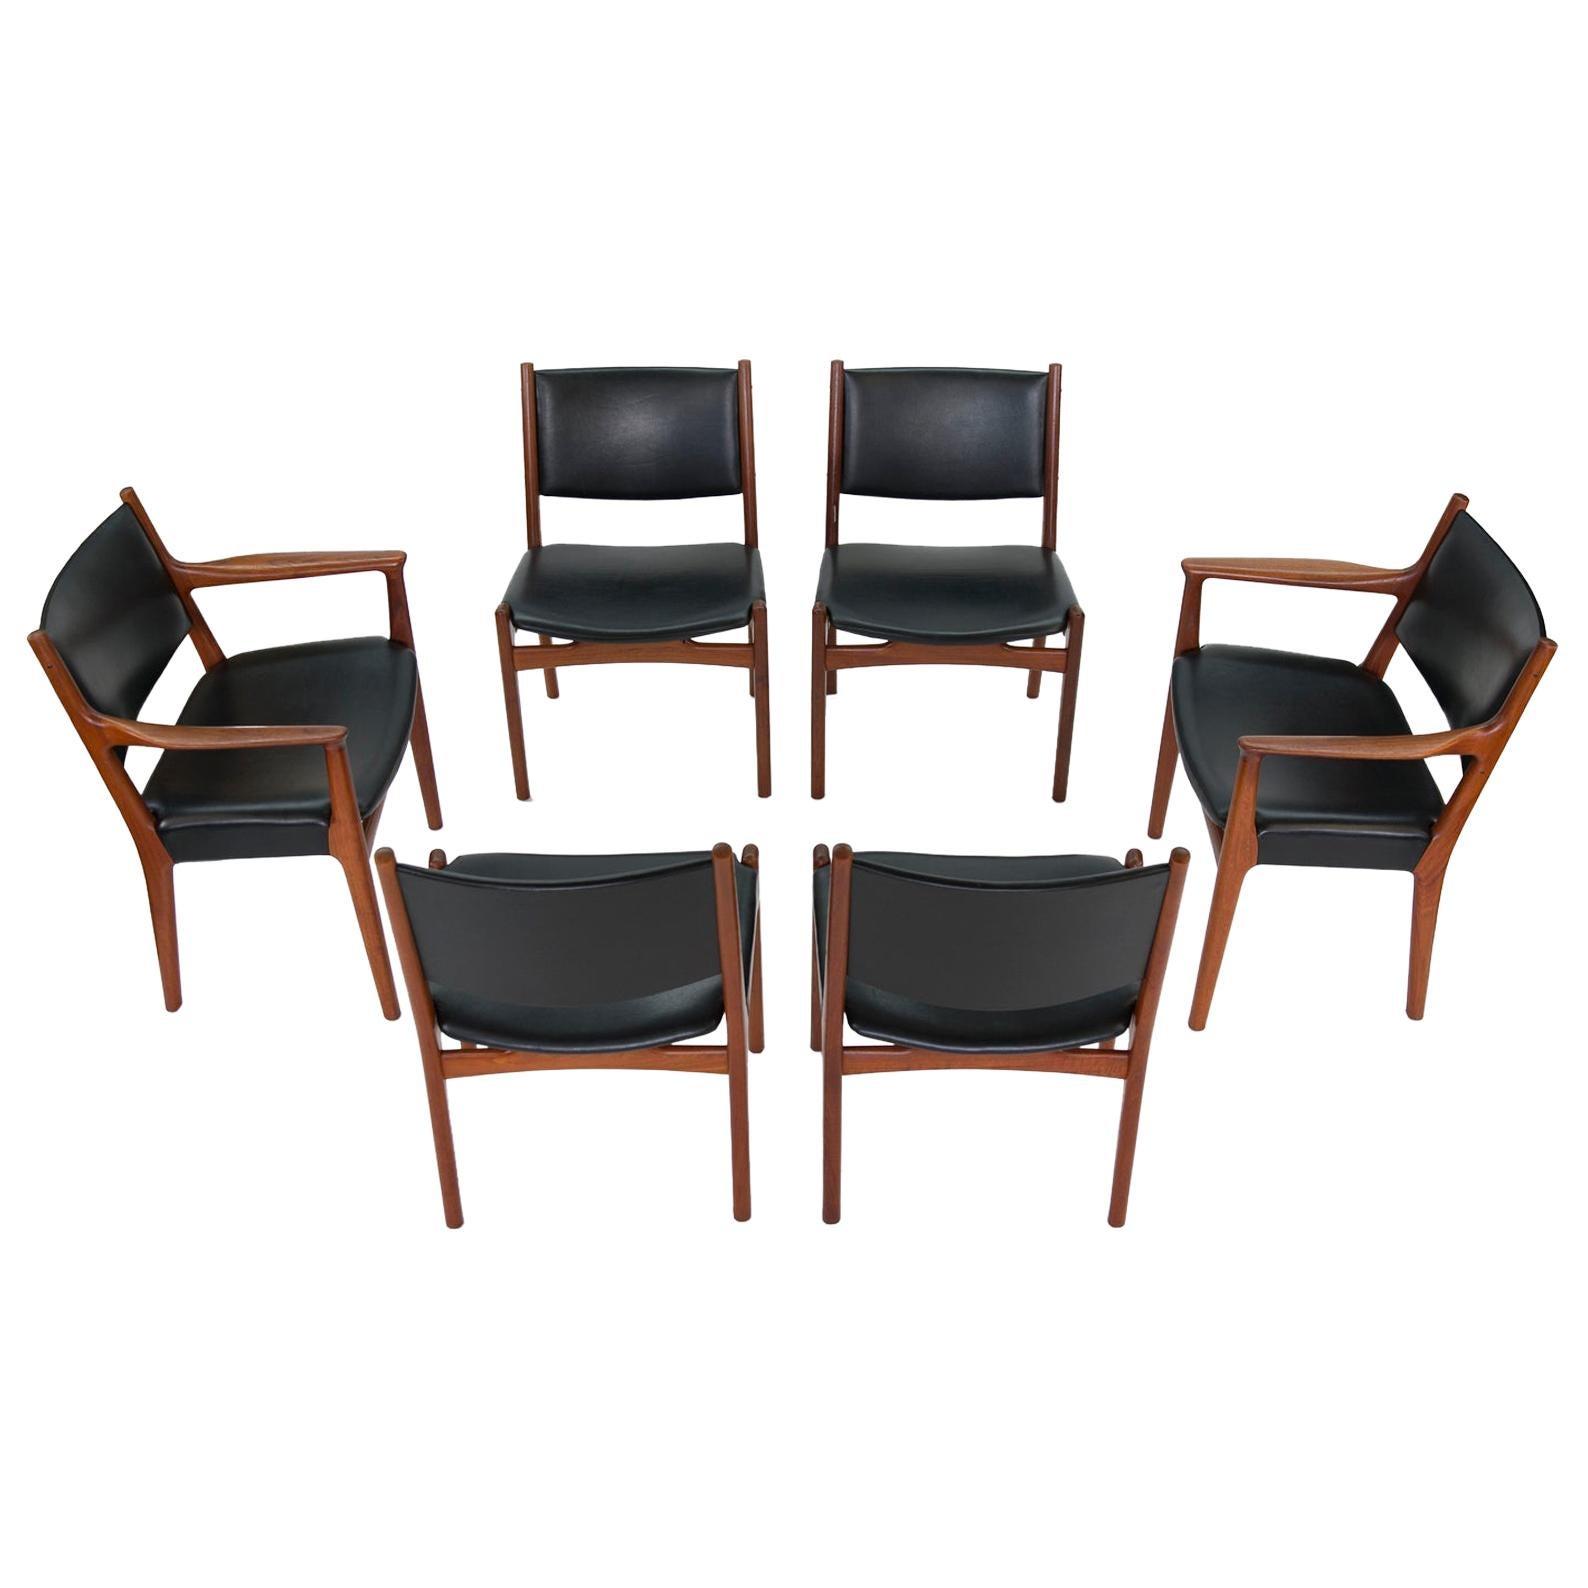 Hans J Wegner for Johannes Hansen JH-525 and JH-526 Dining Chairs in Teak